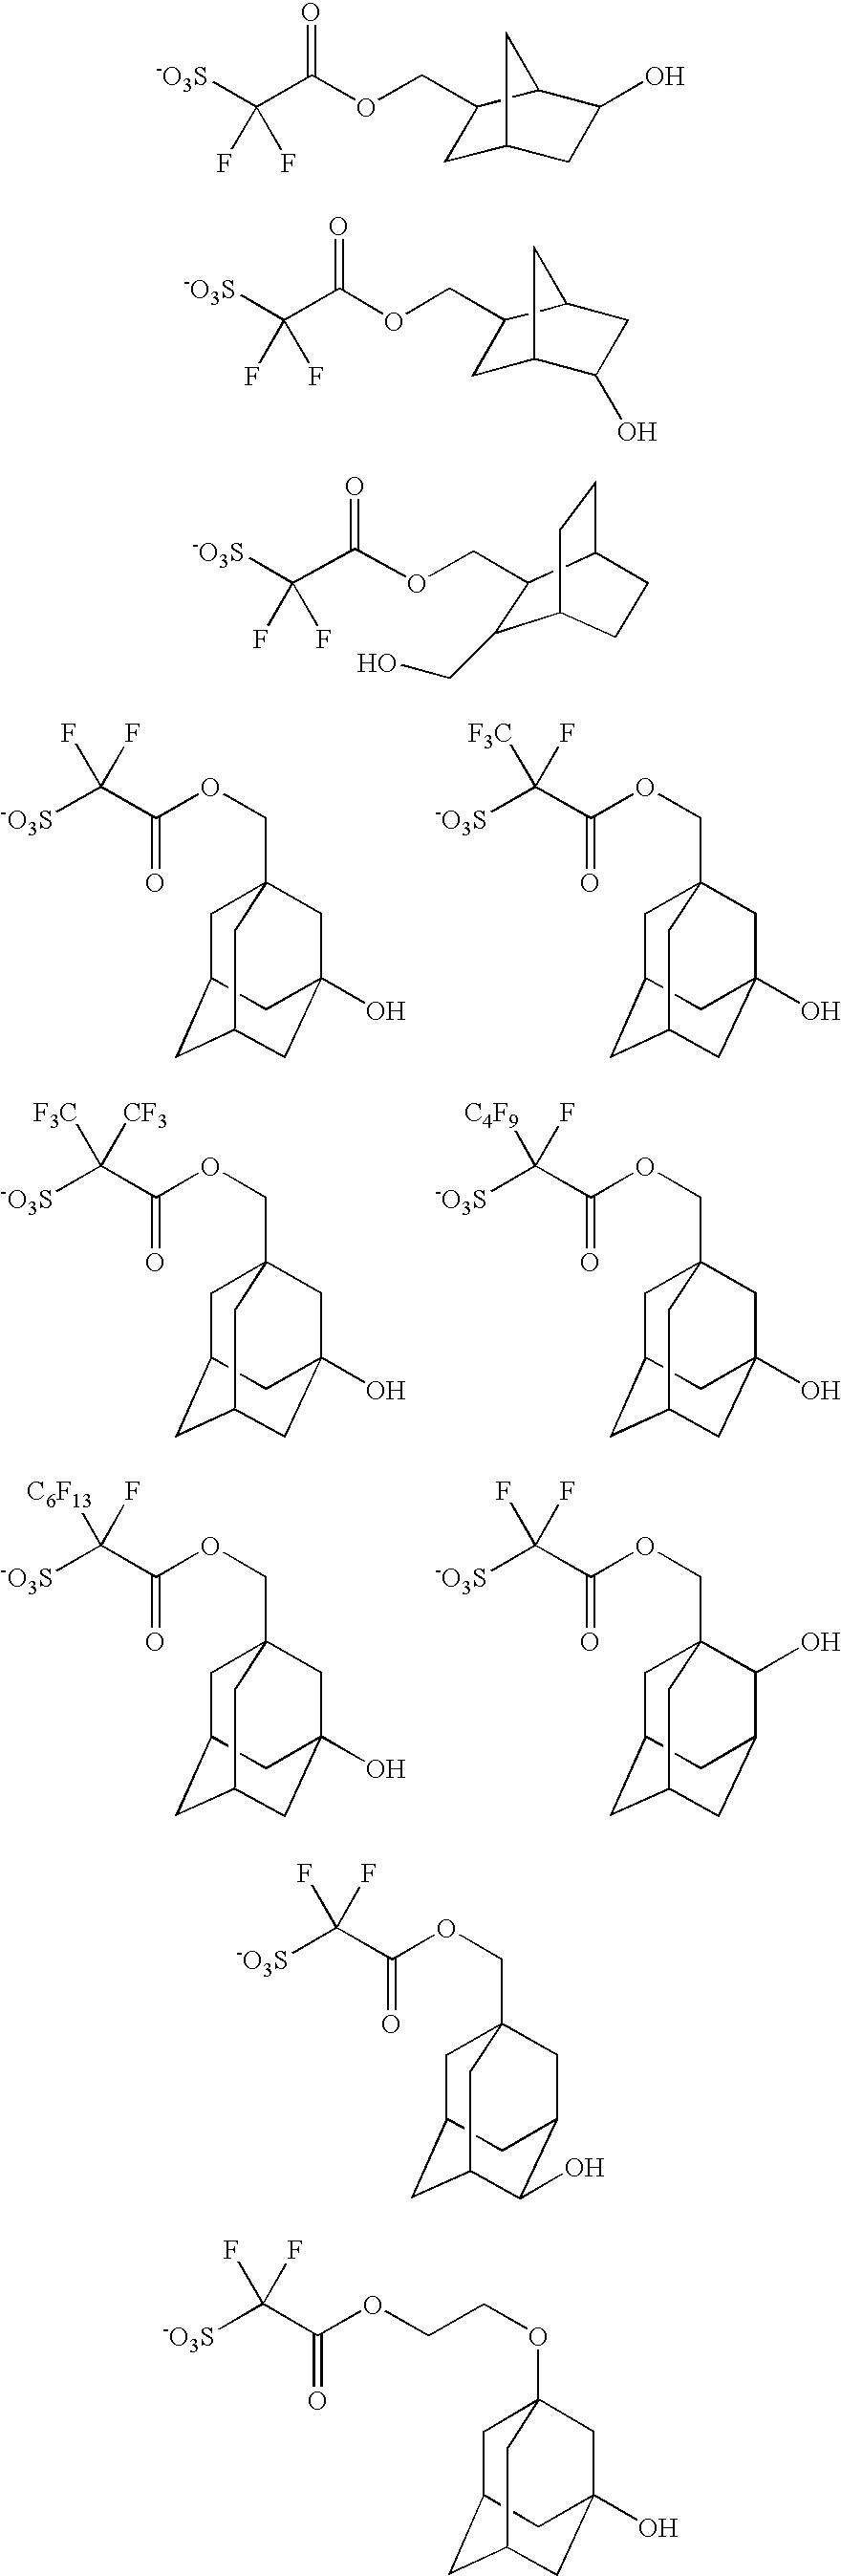 Figure US20100323296A1-20101223-C00093